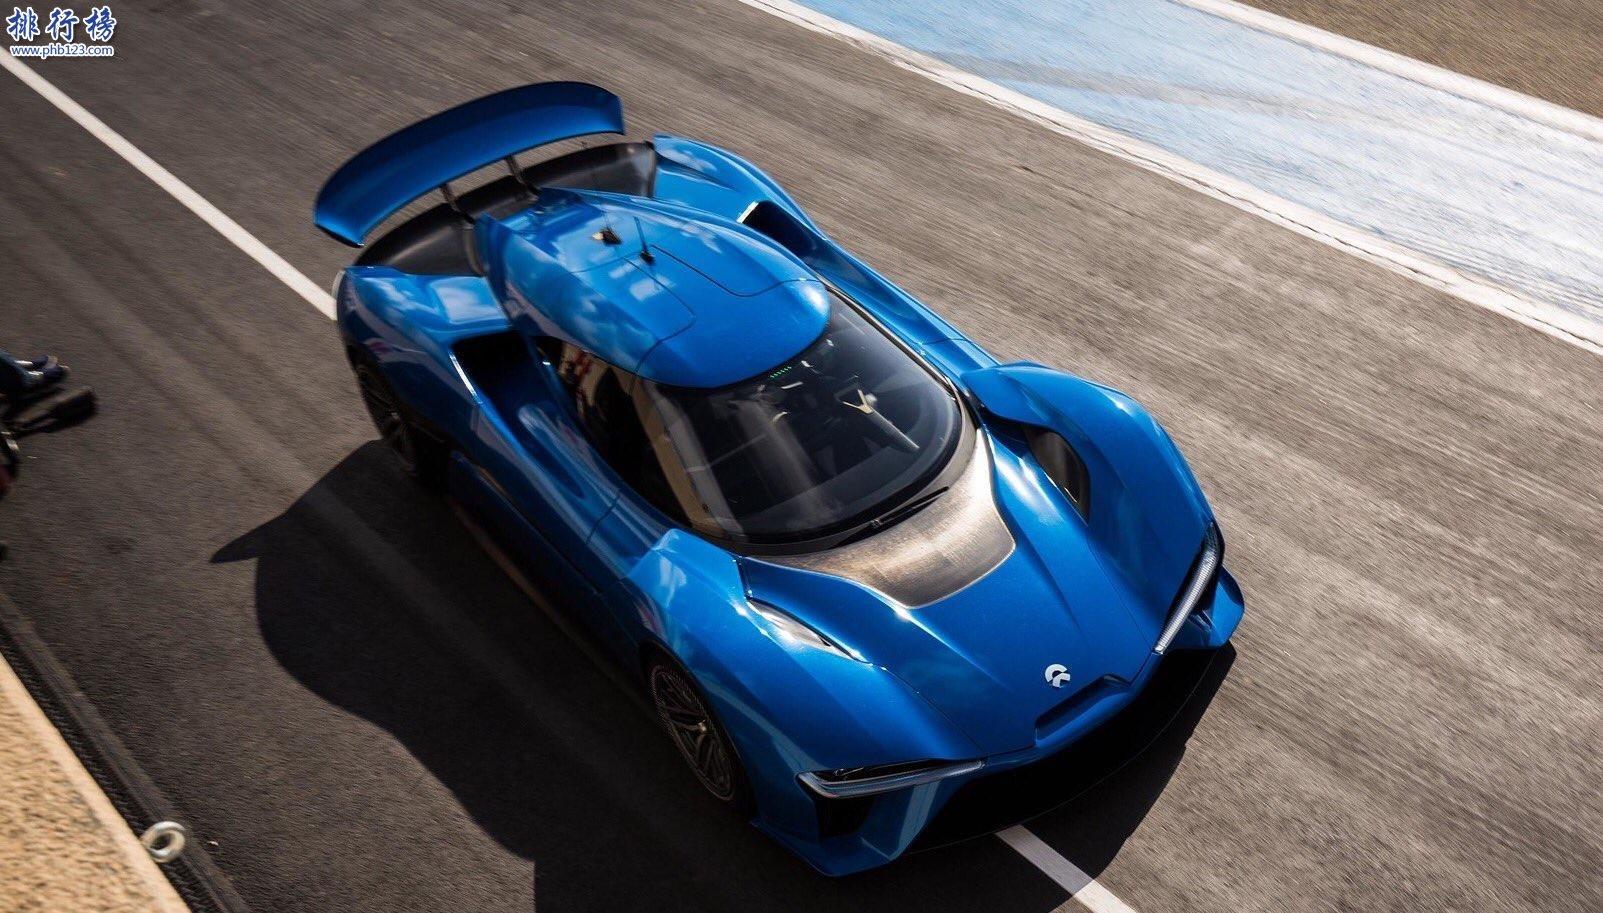 全球最快电动跑车:蔚来ep9 是哪个国家的?